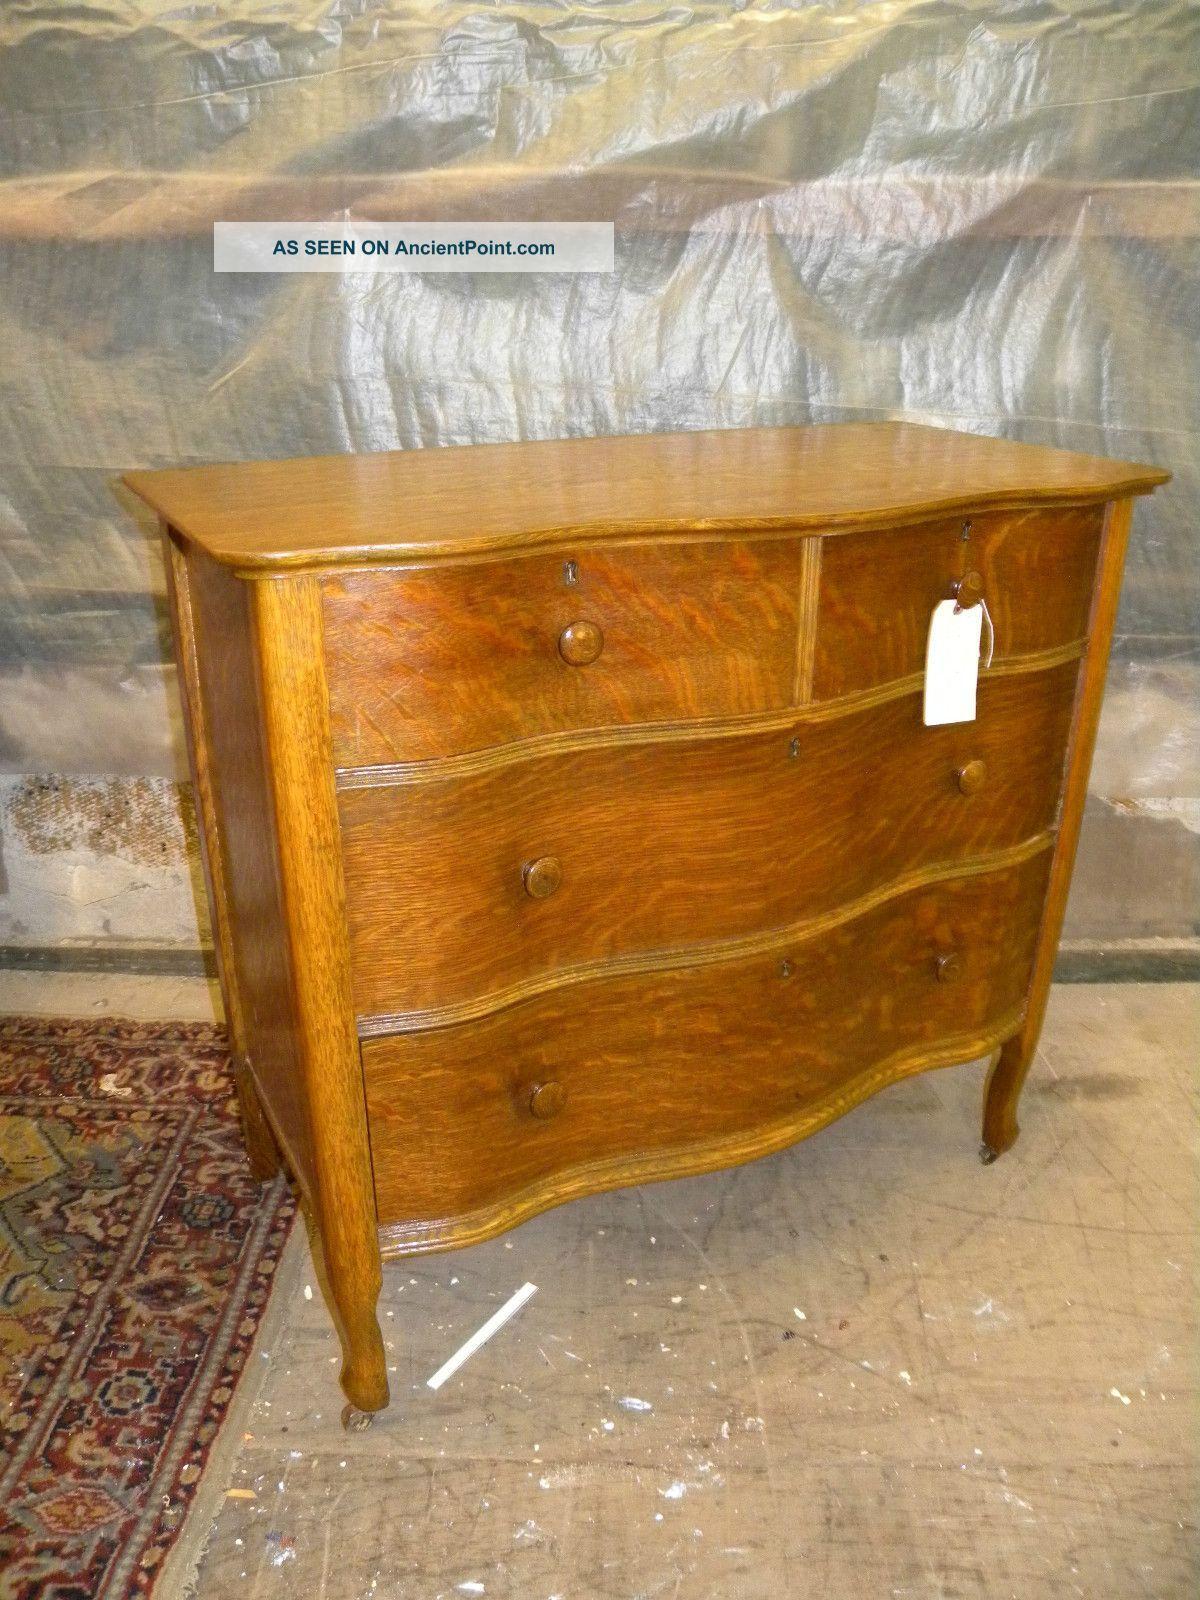 Antique Oak Serpentine Curved Front Dresser Bedroom Chest